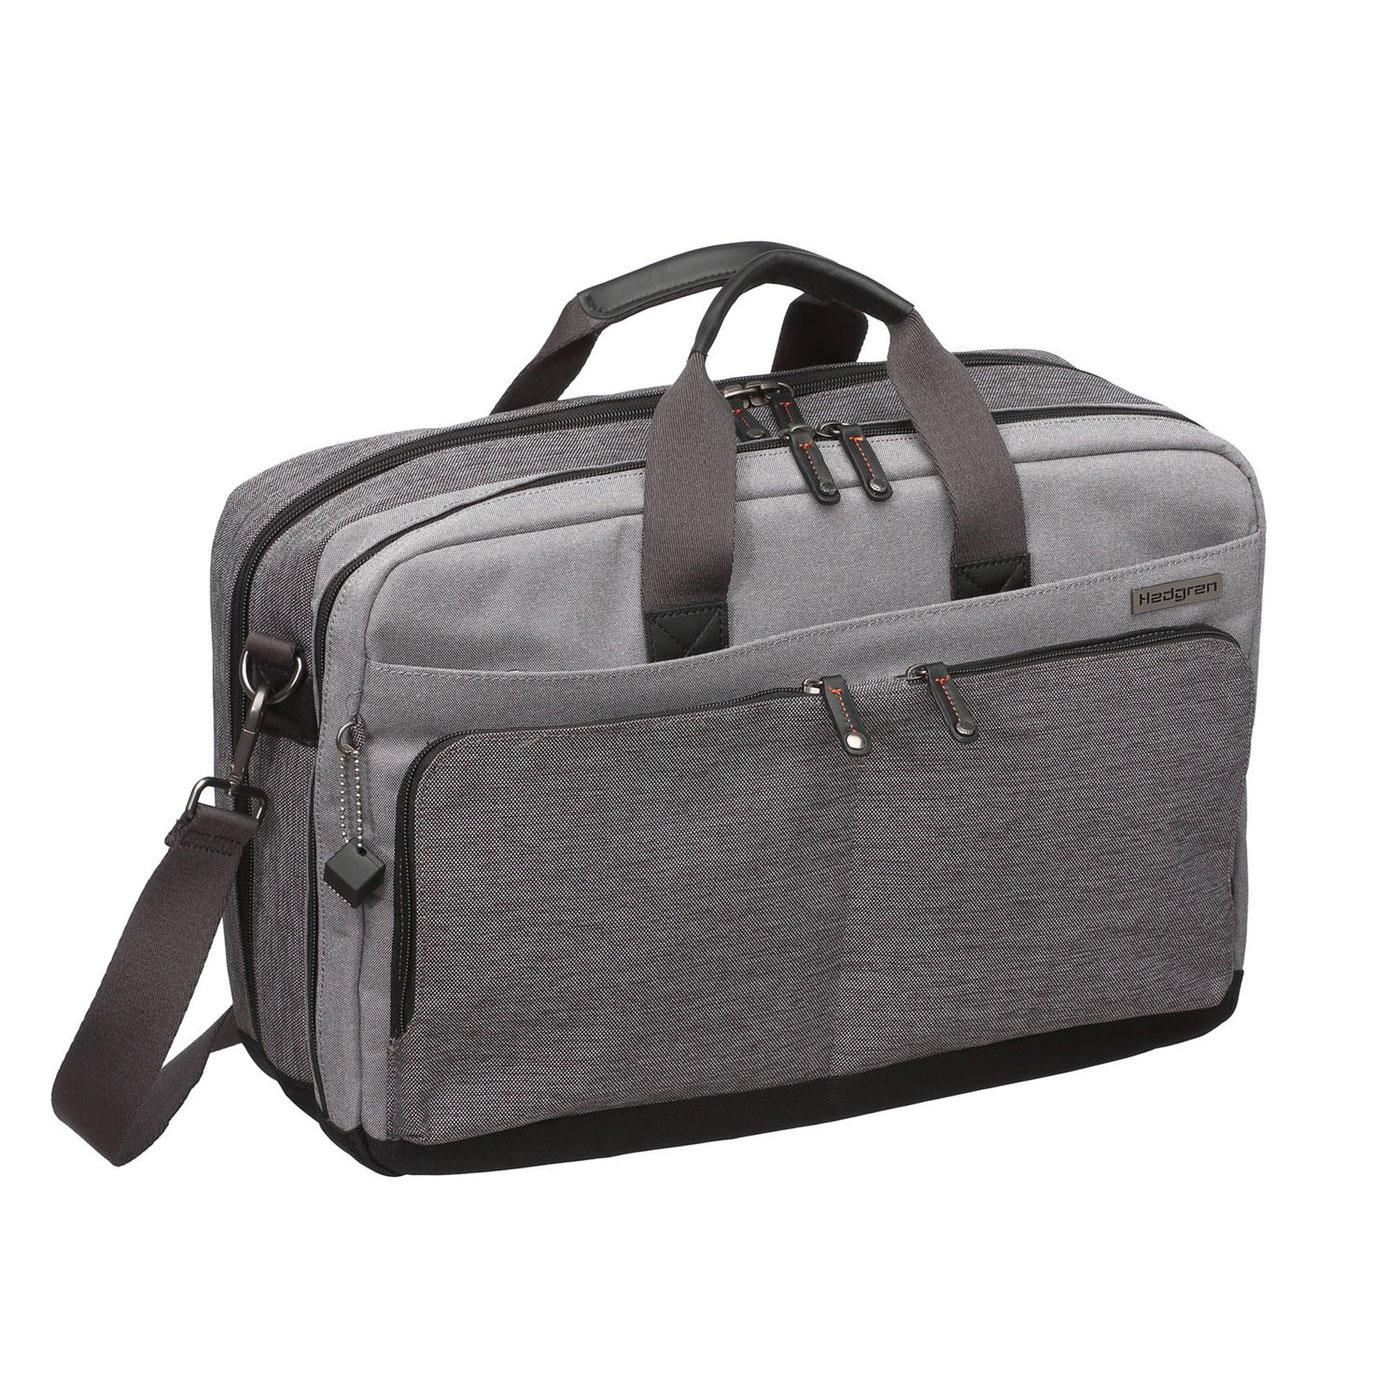 hedgren walker harmony l gris sac sacoche housse hedgren sur. Black Bedroom Furniture Sets. Home Design Ideas